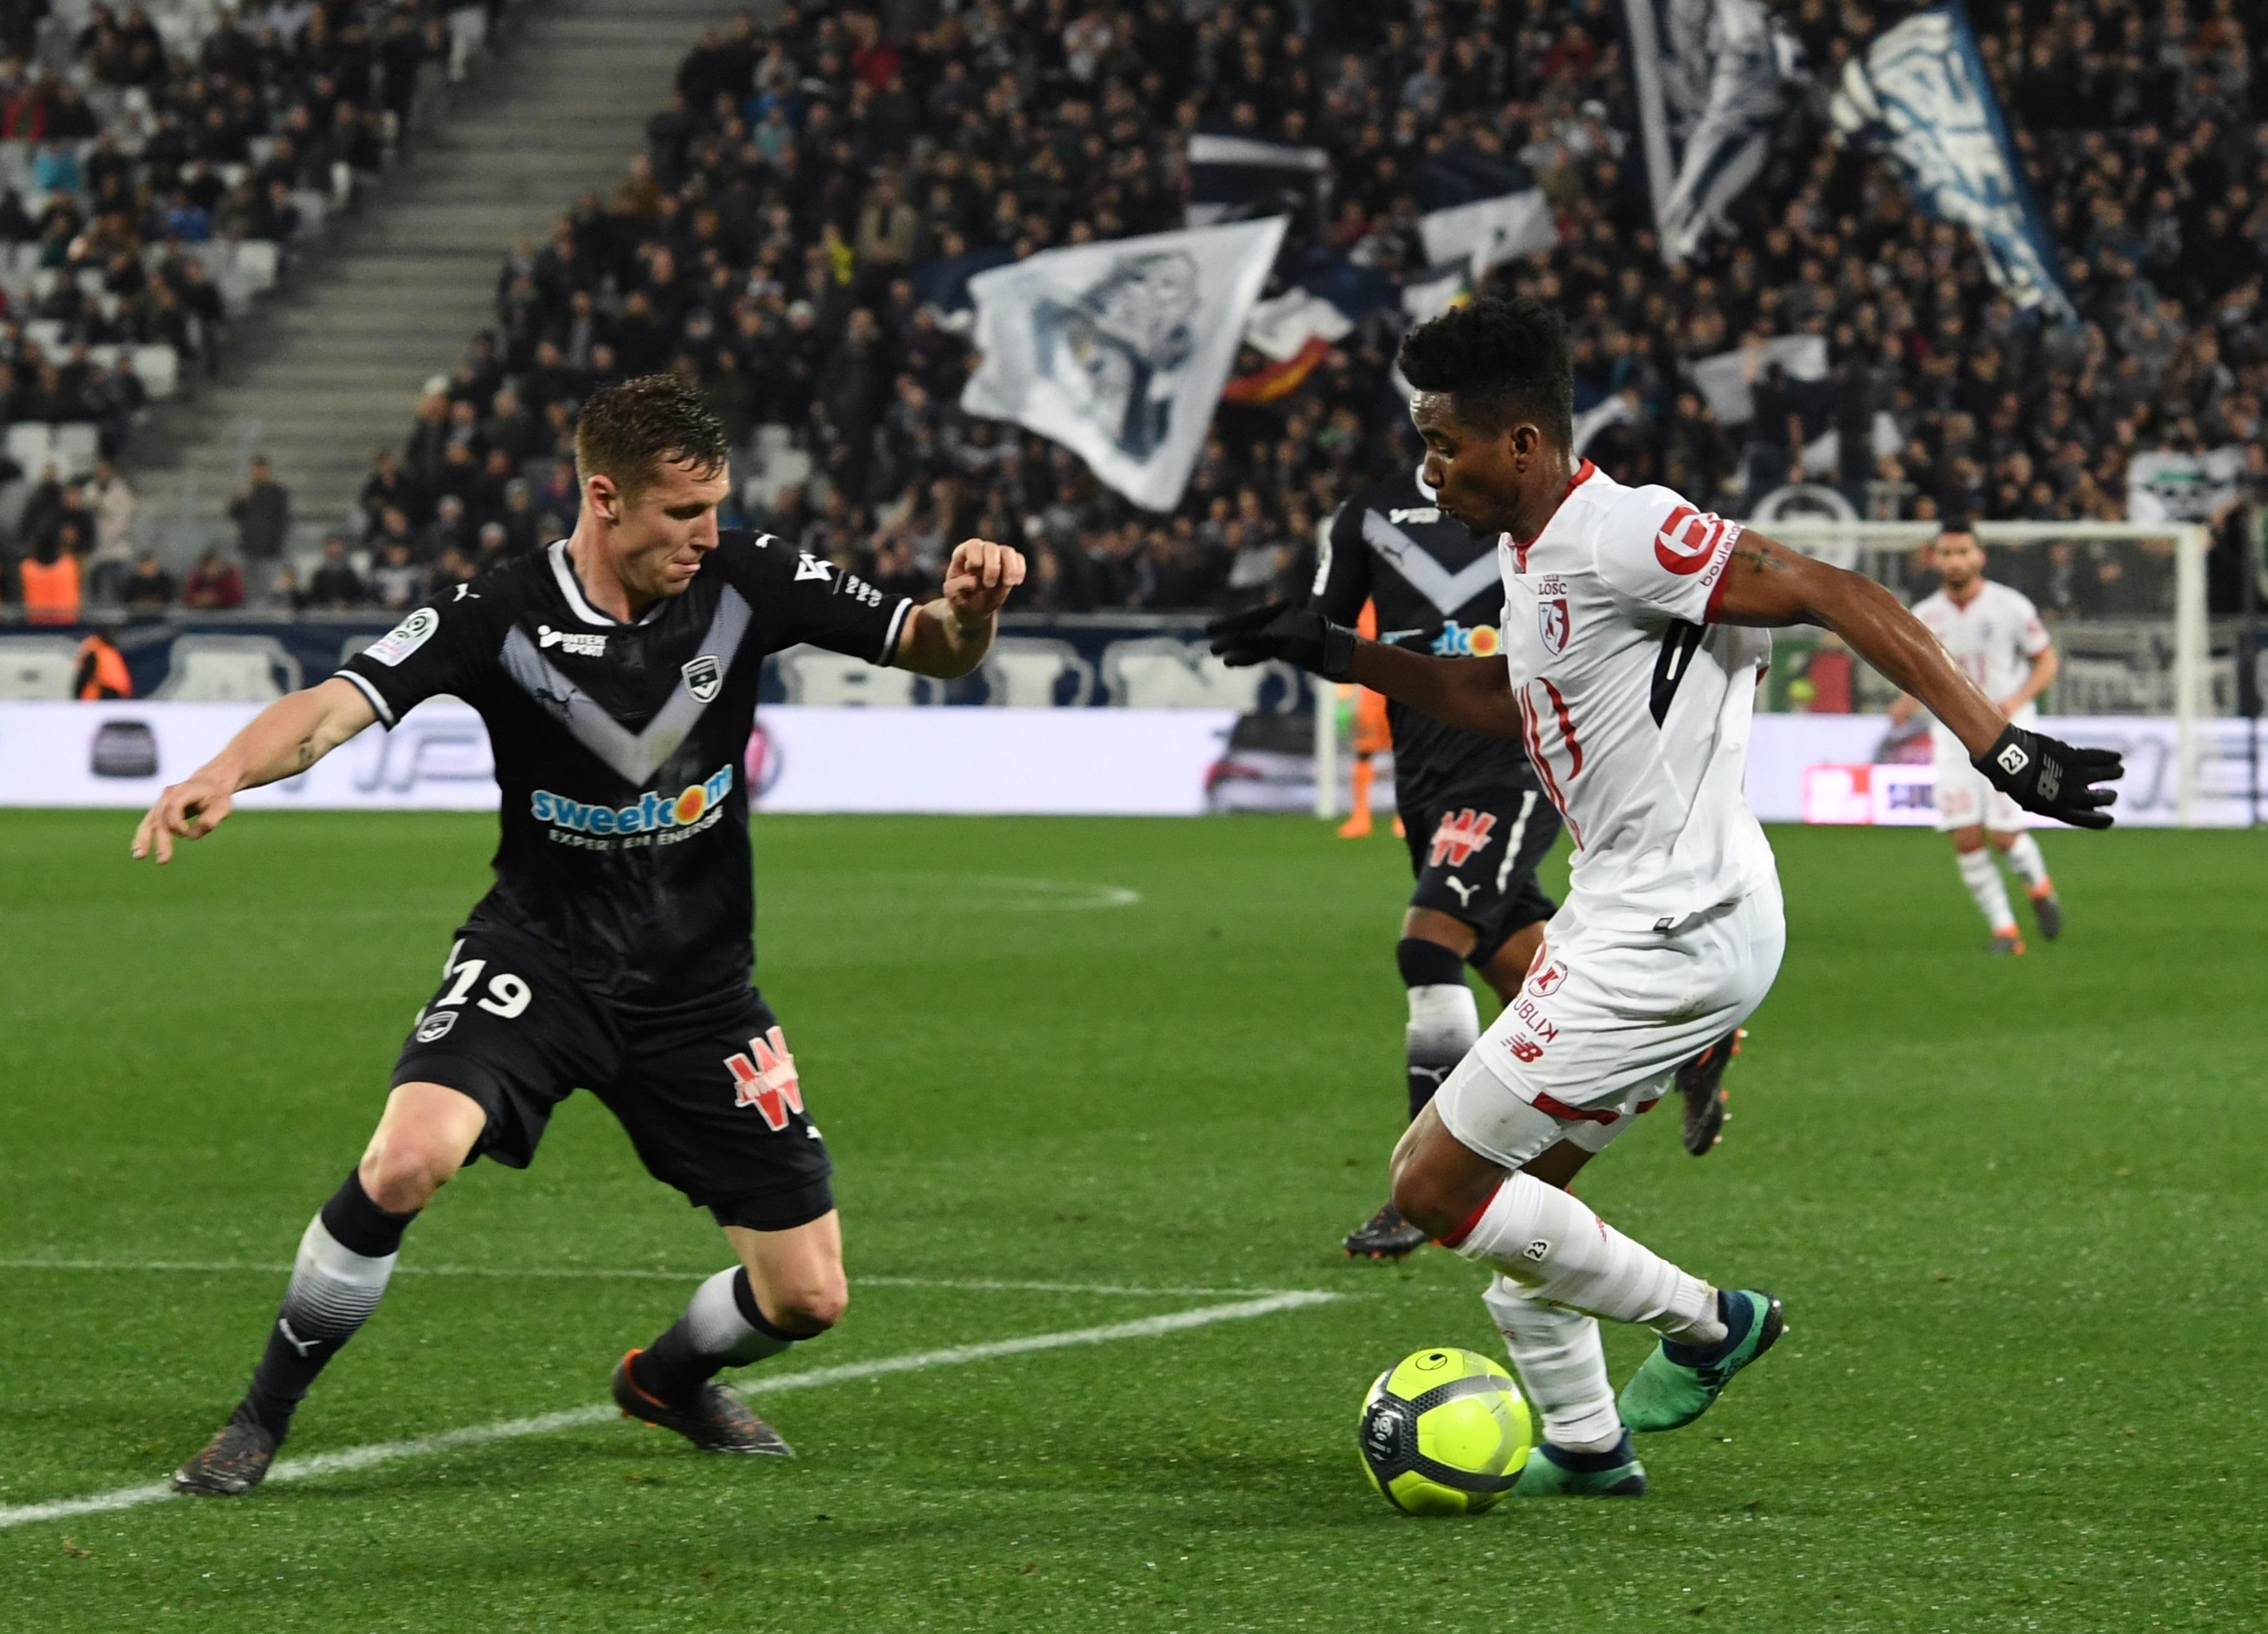 Galtier écarte Maignan et Bahlouli 07/04/2018 — LOSC